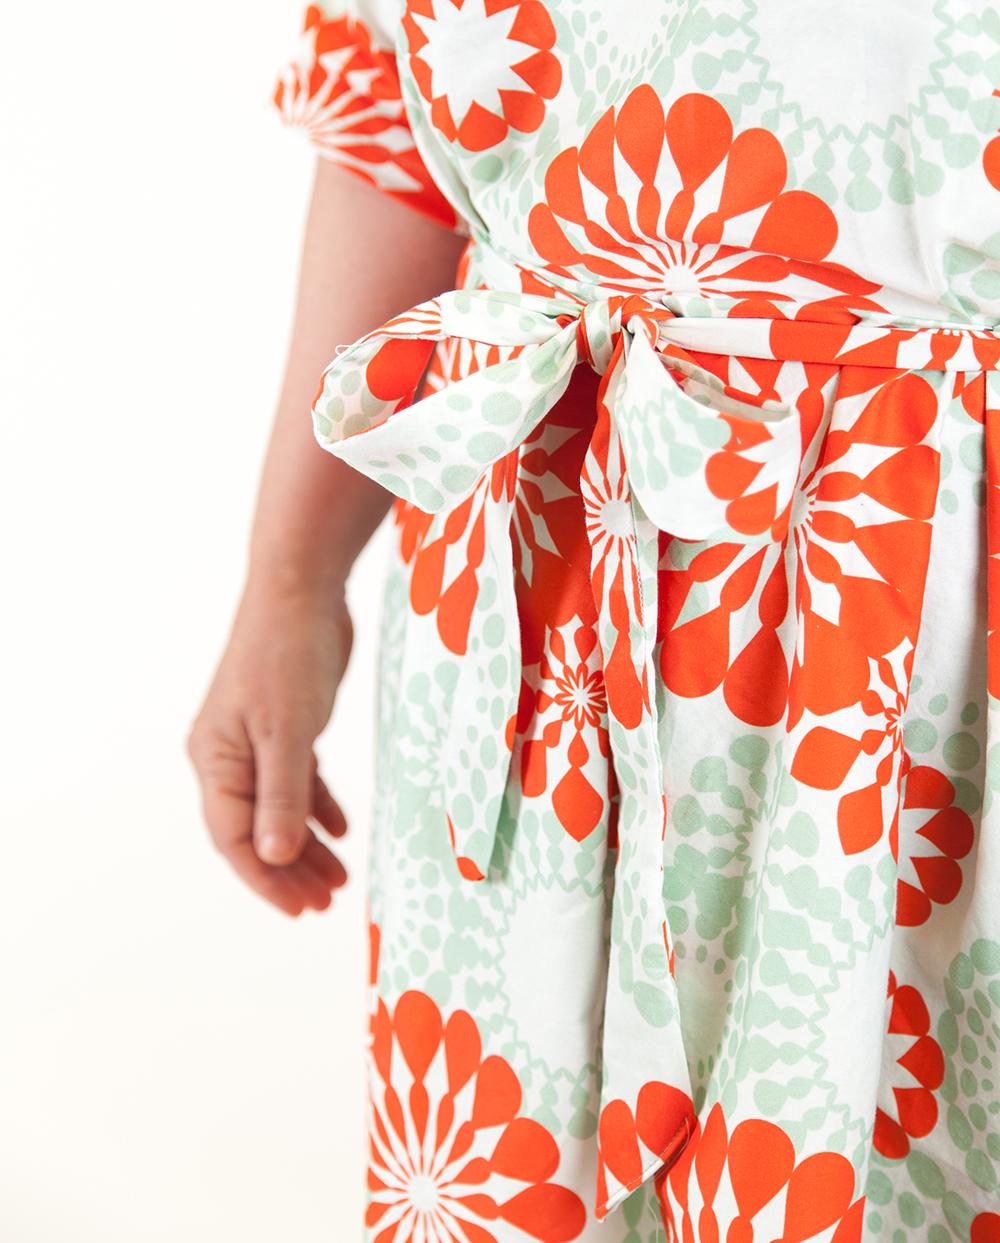 Amy nähte ihr Kleid aus einem Baumwollstoff im Retro-Design erhältlich bei Spoonflower